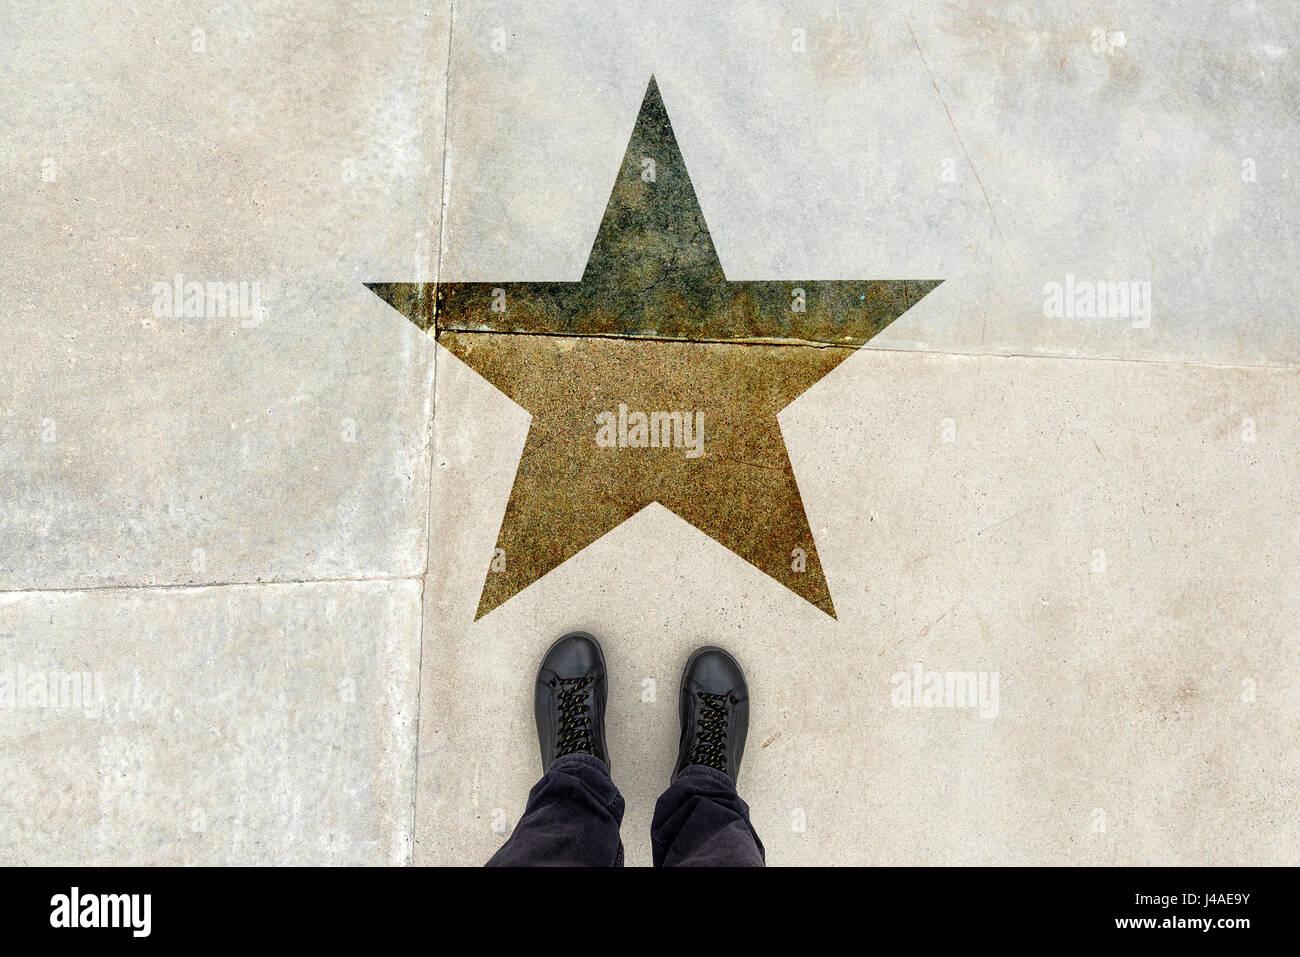 Jeune homme talentueux sur la route avec star shape mentions légales - talent, compétence, personne douée, Photo Stock